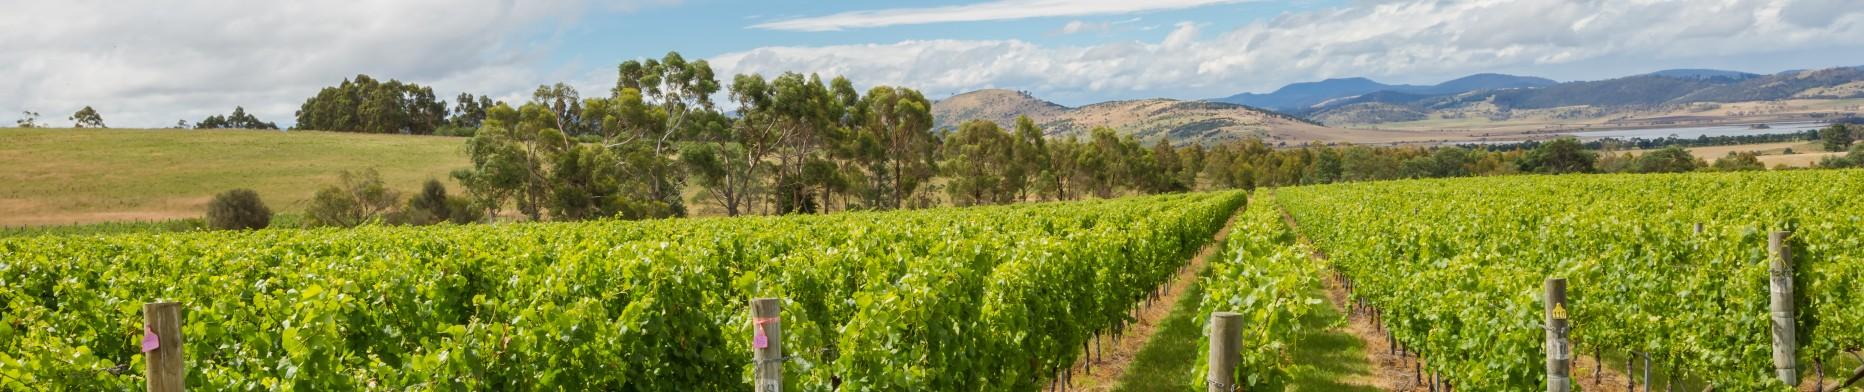 agriculteurs site de rencontre en Australie activité datant de Londres